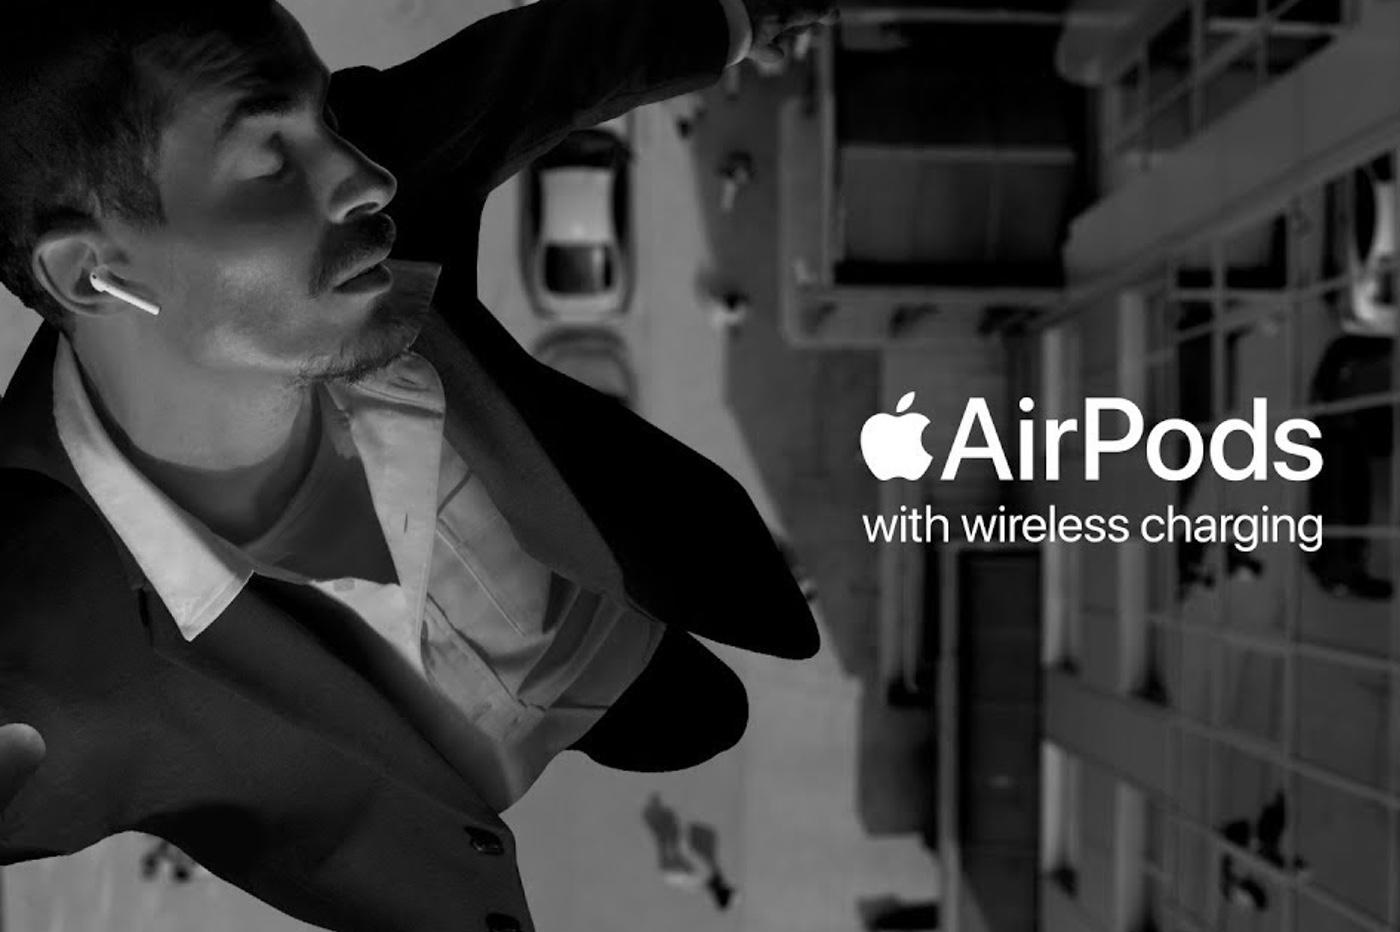 Les AirPods rebondissent dans un nouveau clip d'Apple 1